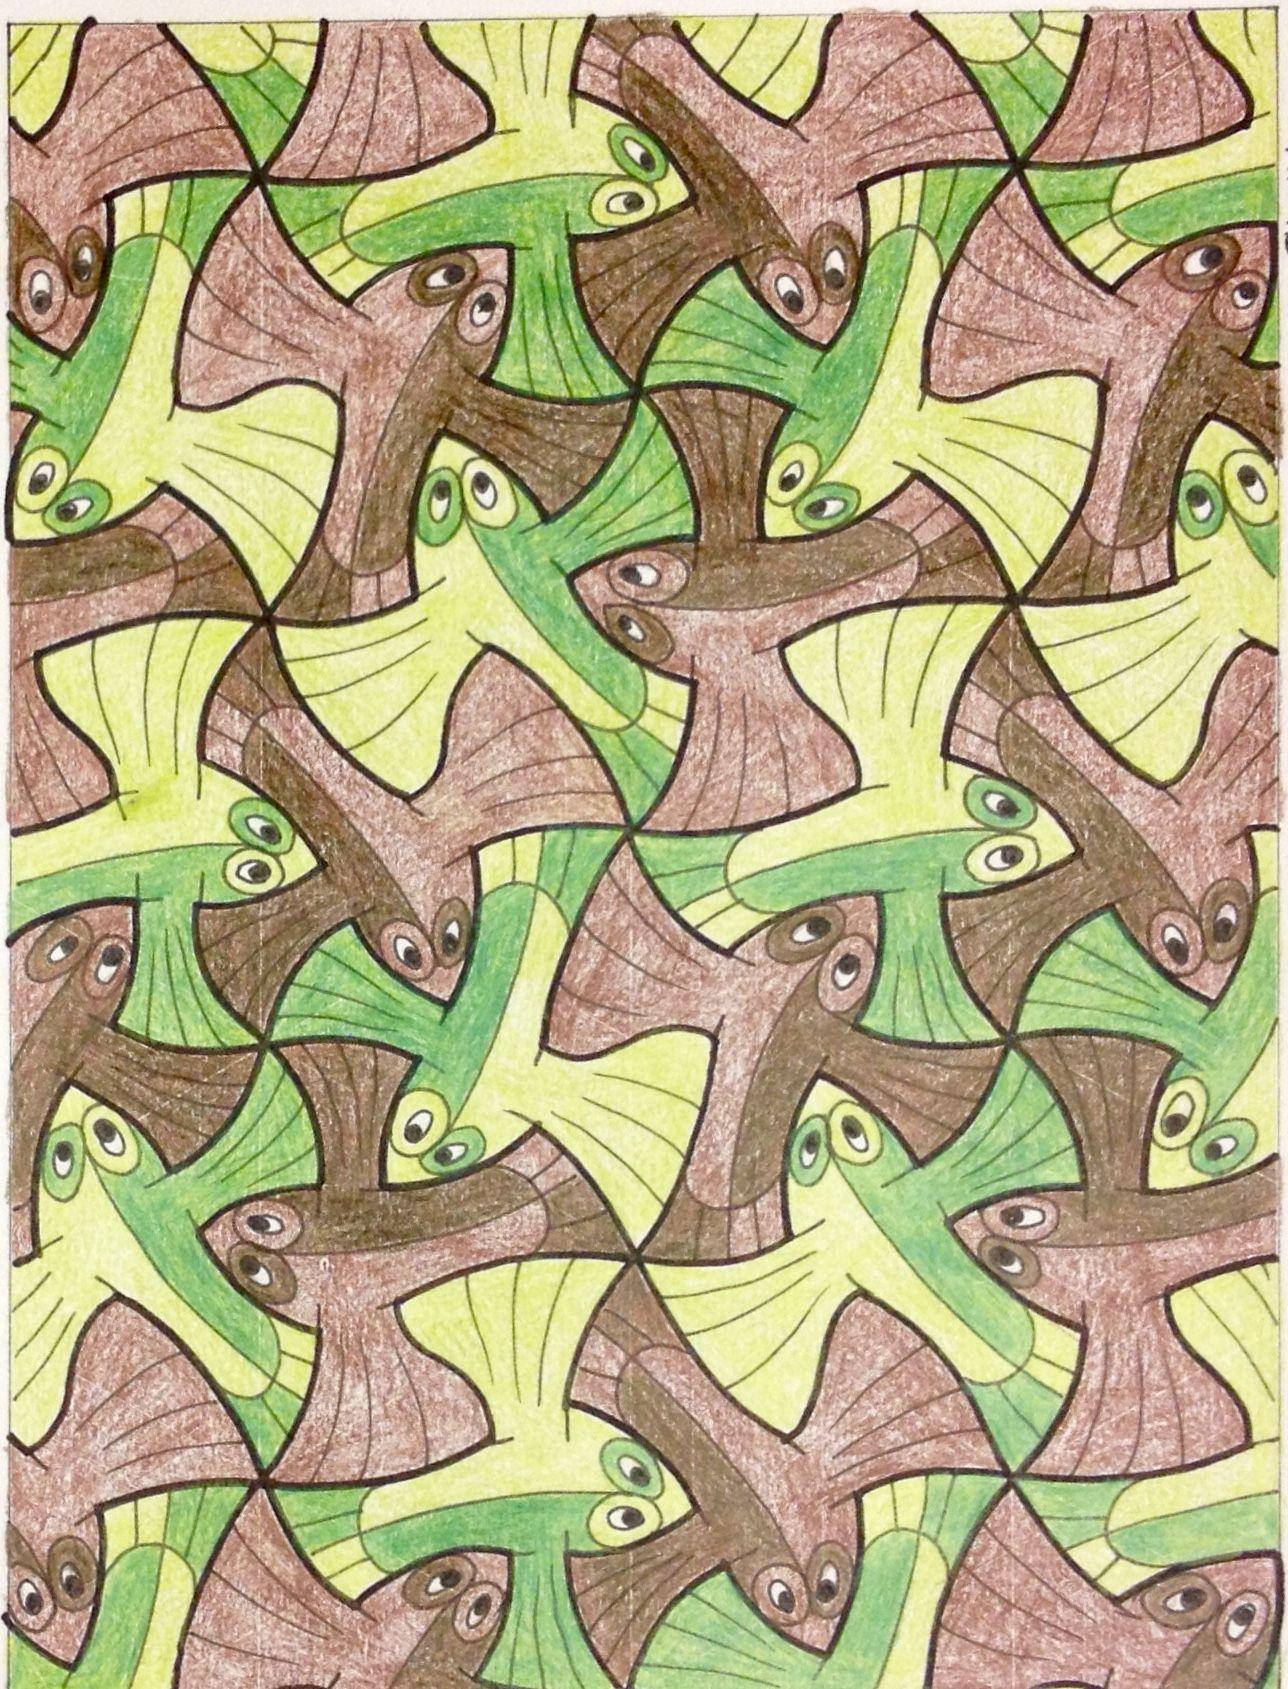 Escher Tessellation Tiling Mc Escher Geometry Symmetry My Interpretation Of Mc Escher Symmetry Nr 99 Mc Escher Escher Art Art